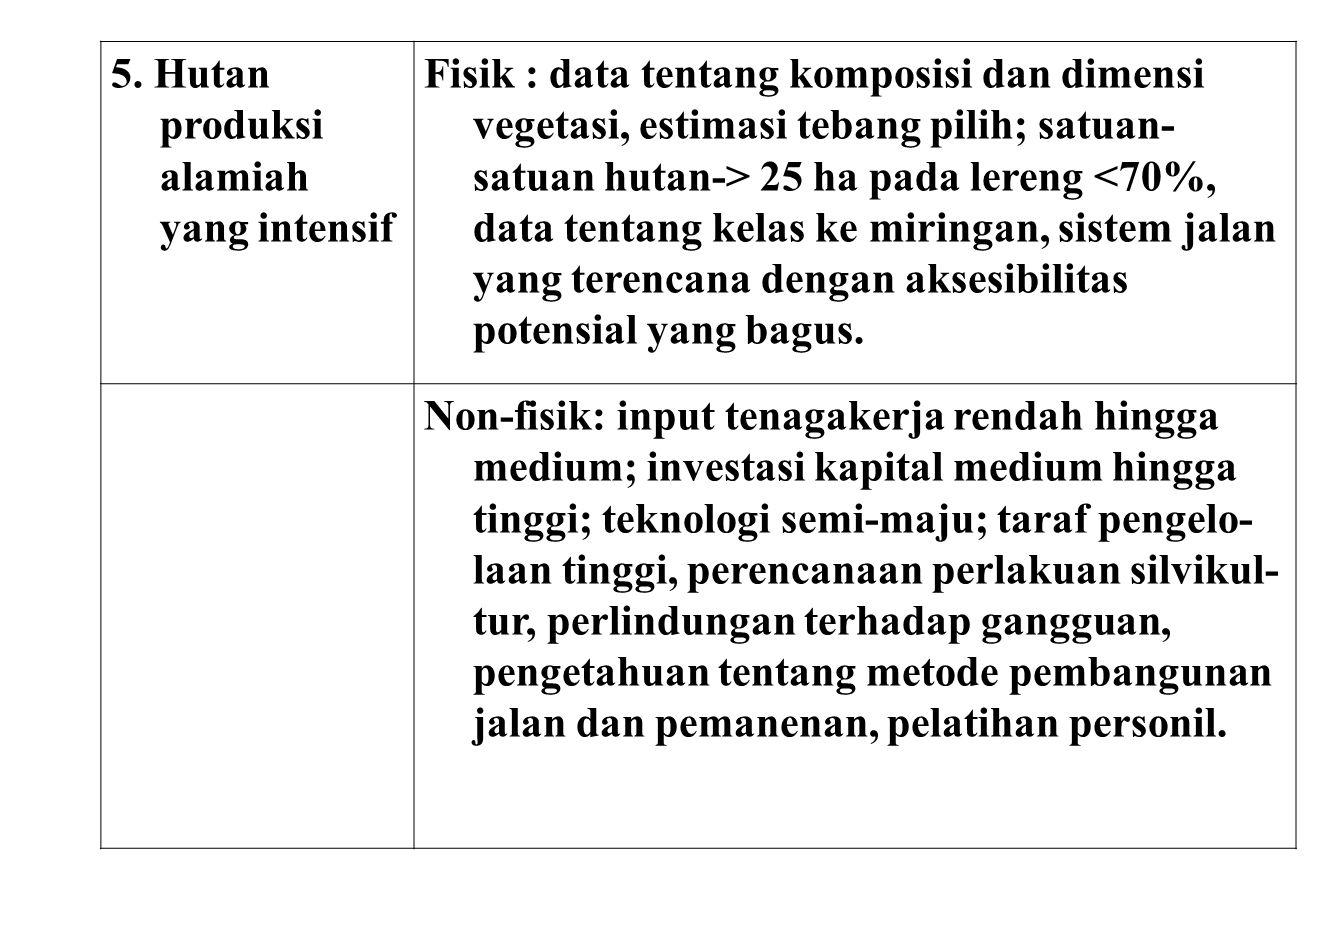 5. Hutan produksi alamiah yang intensif